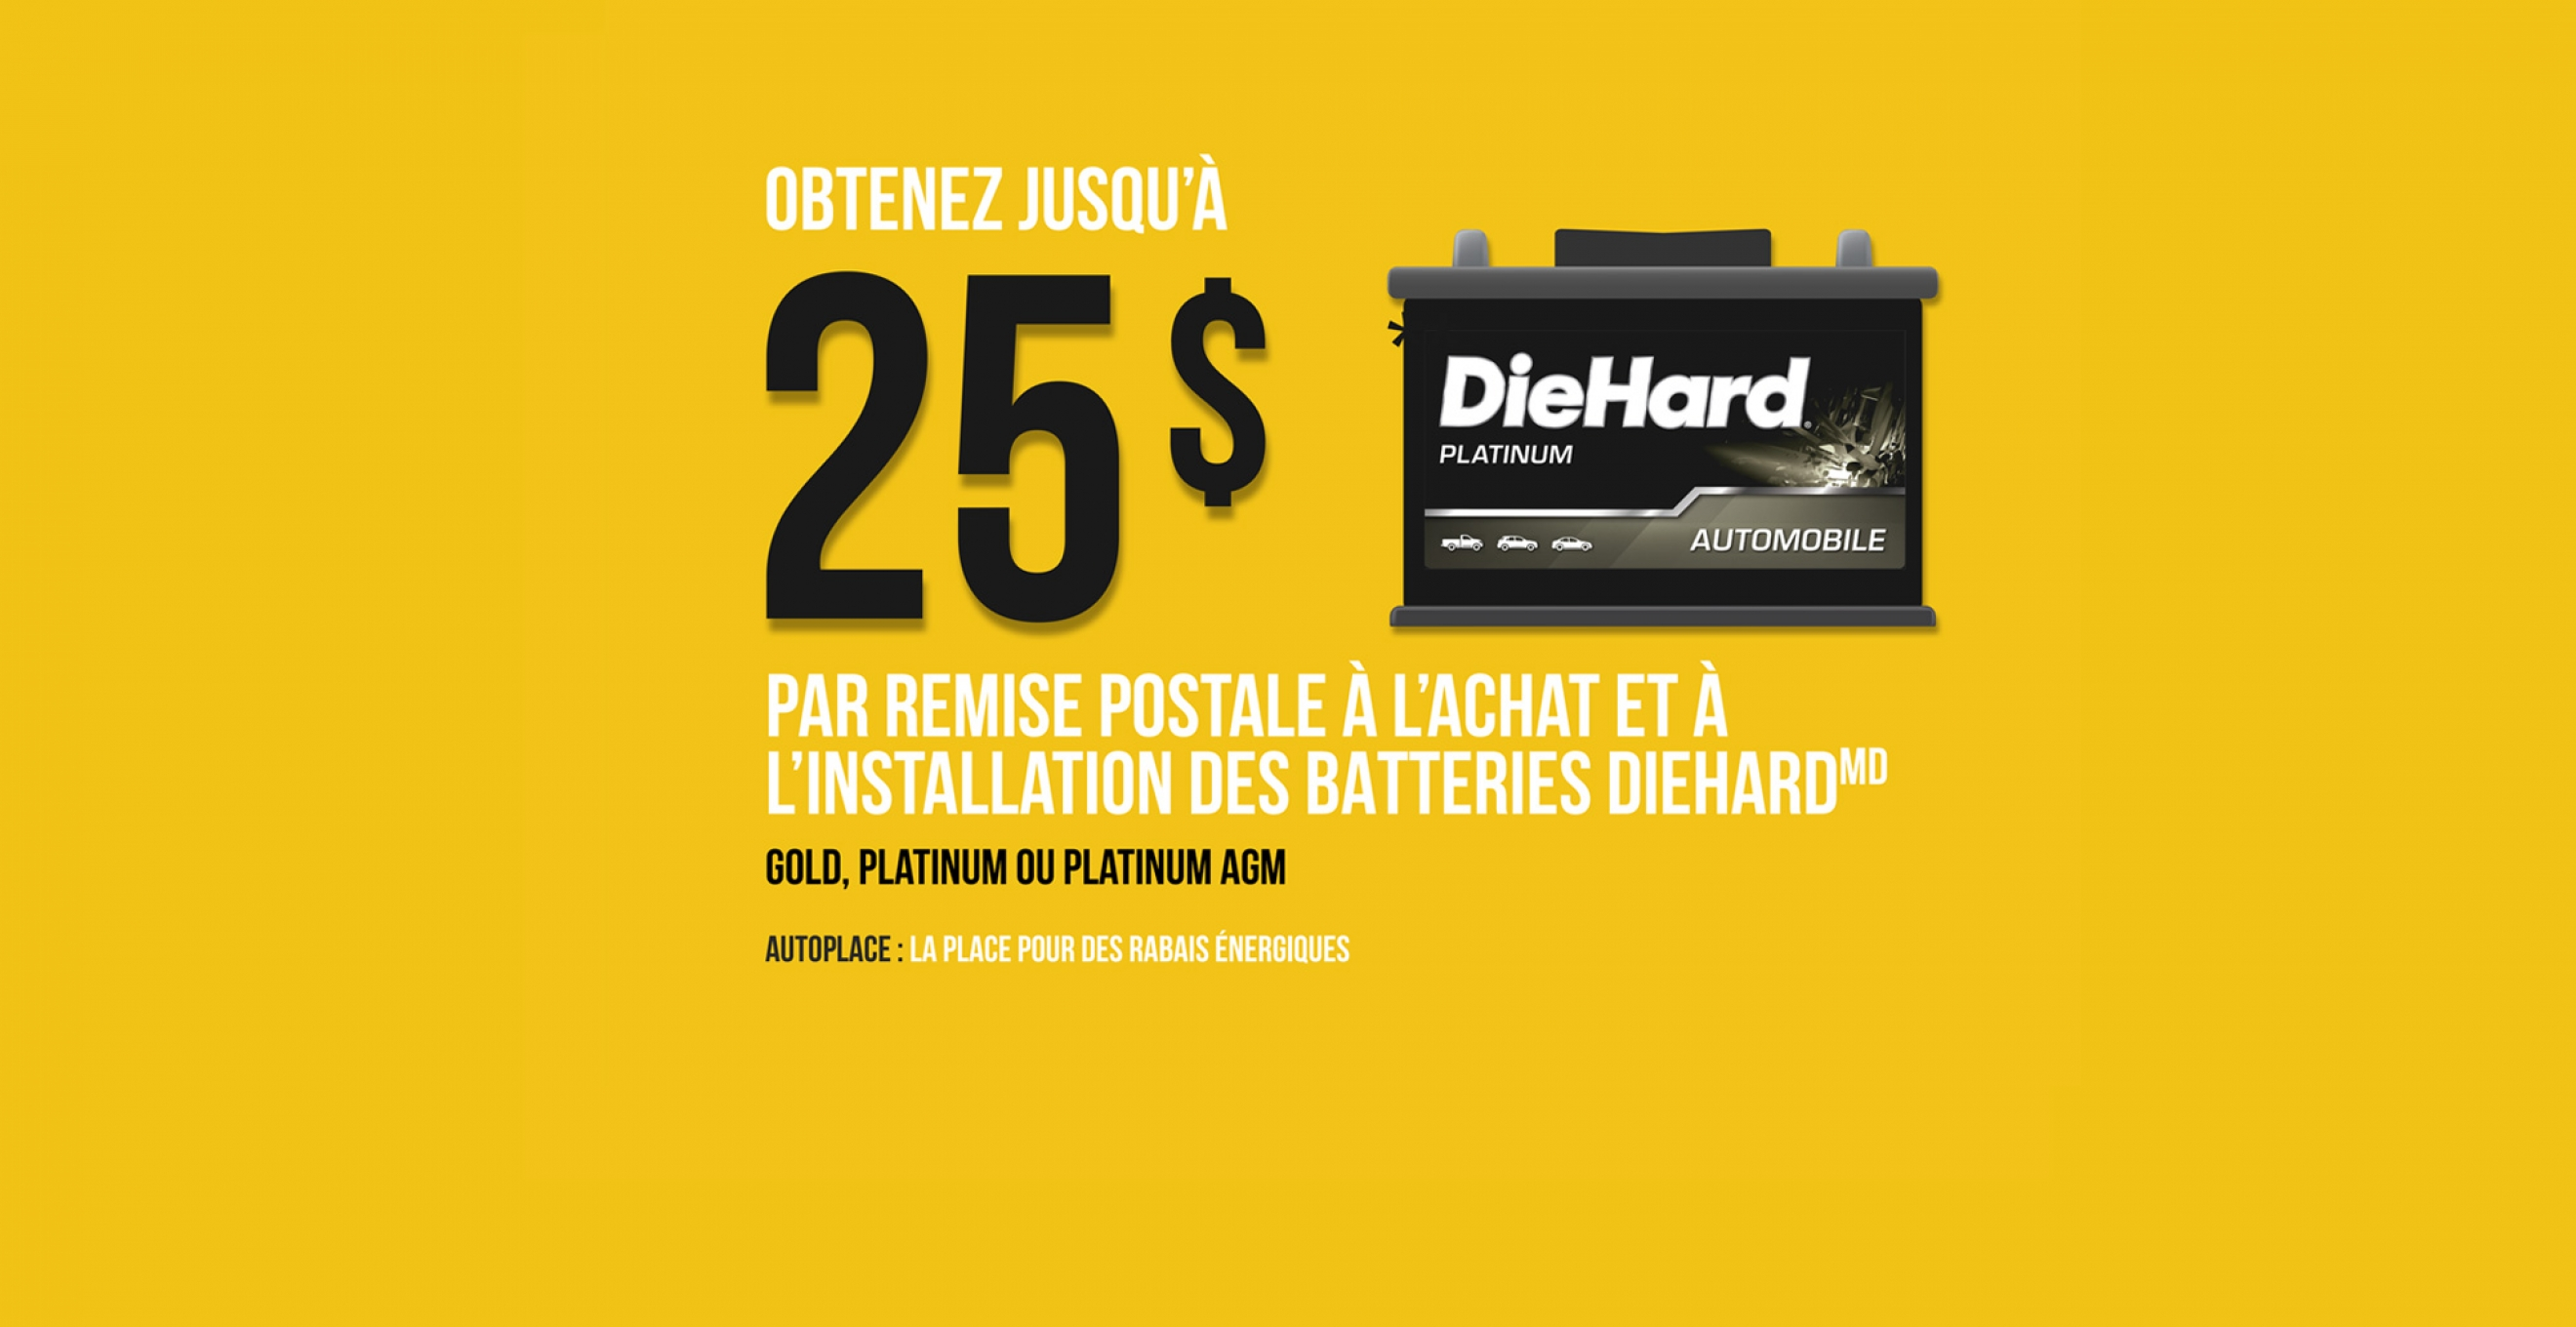 Promo-DieHard-Carrousel